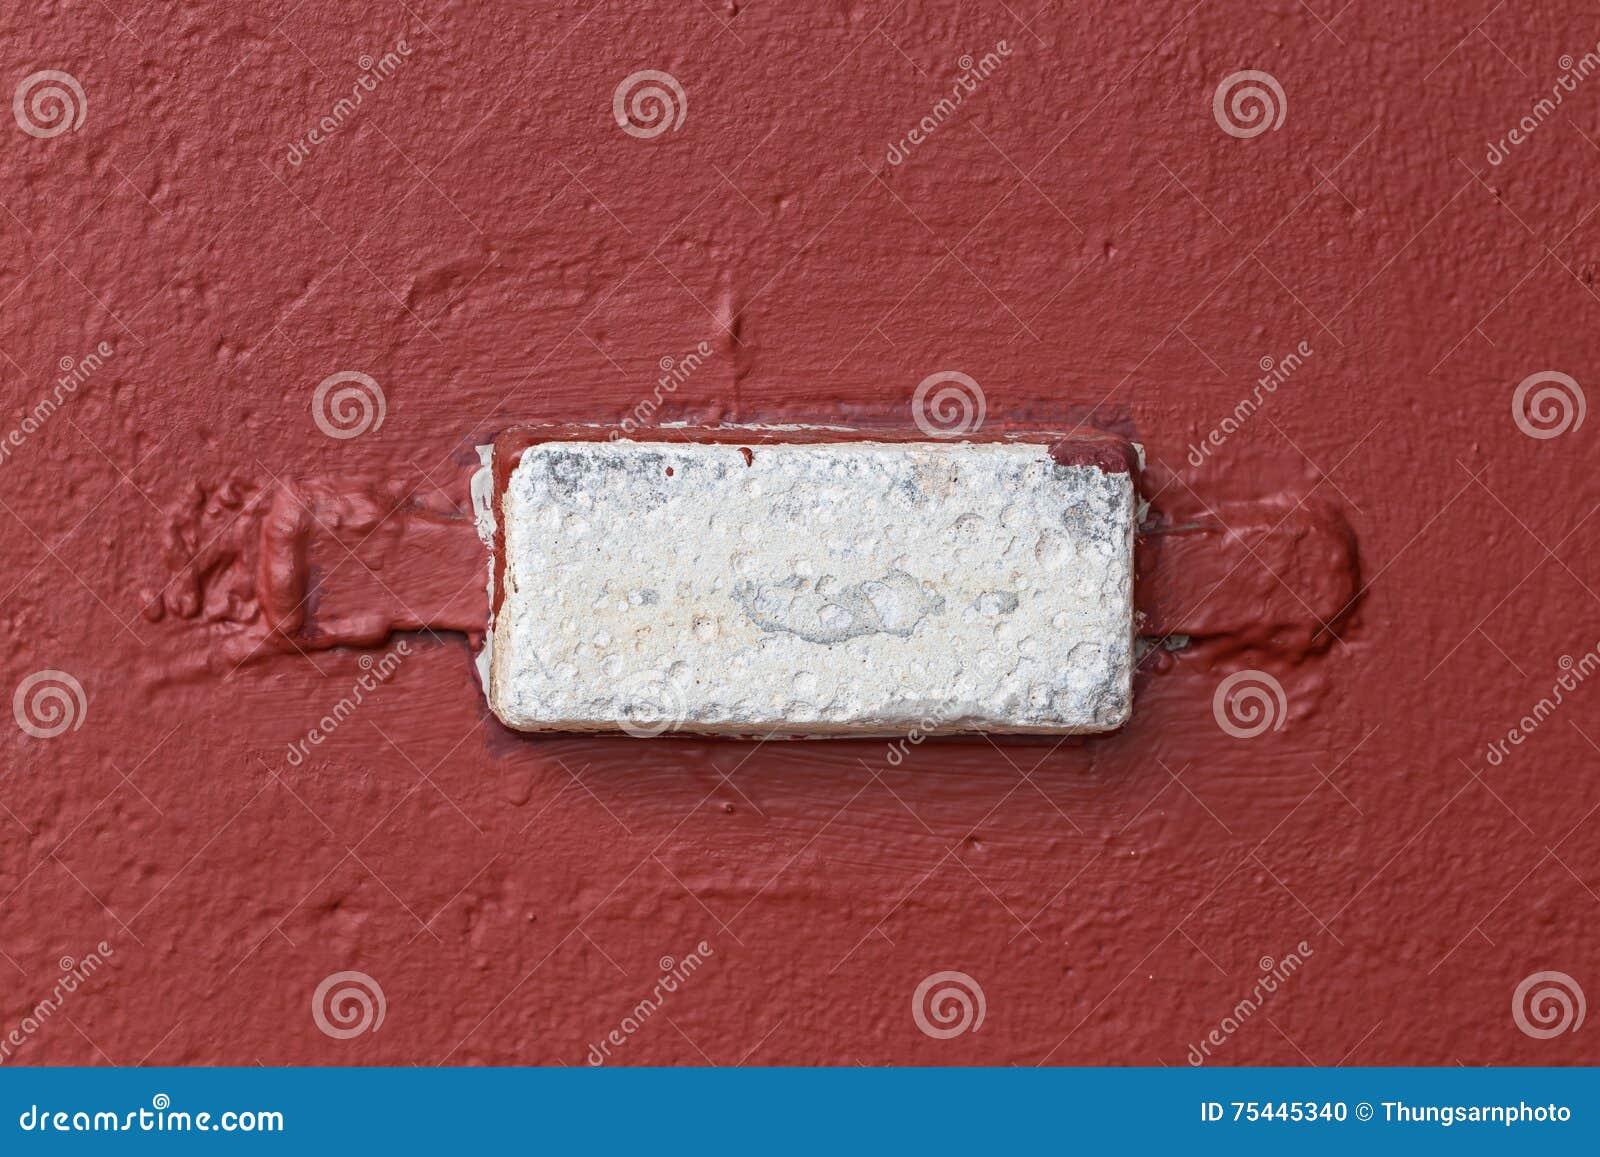 Anti corrosão do ânodo sacrificial na casca